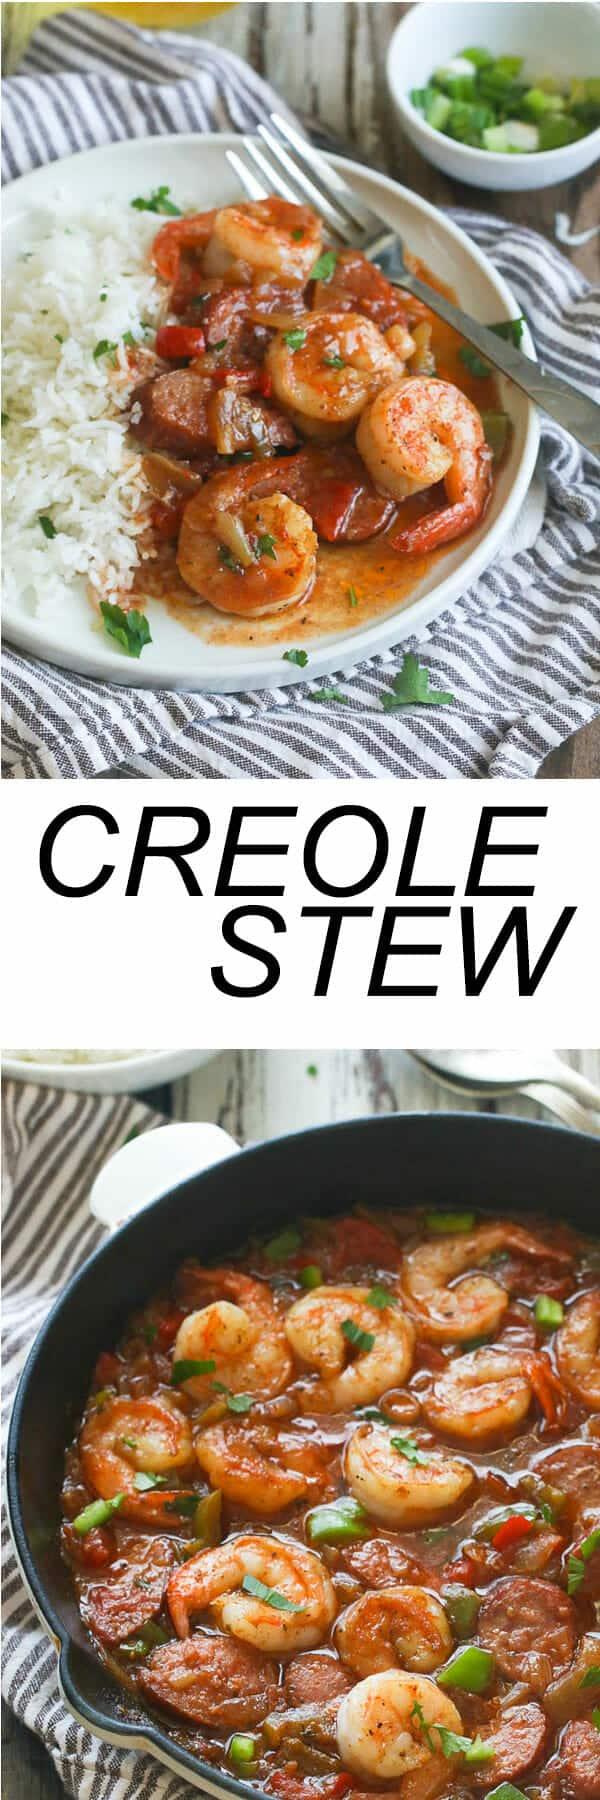 creole-stew